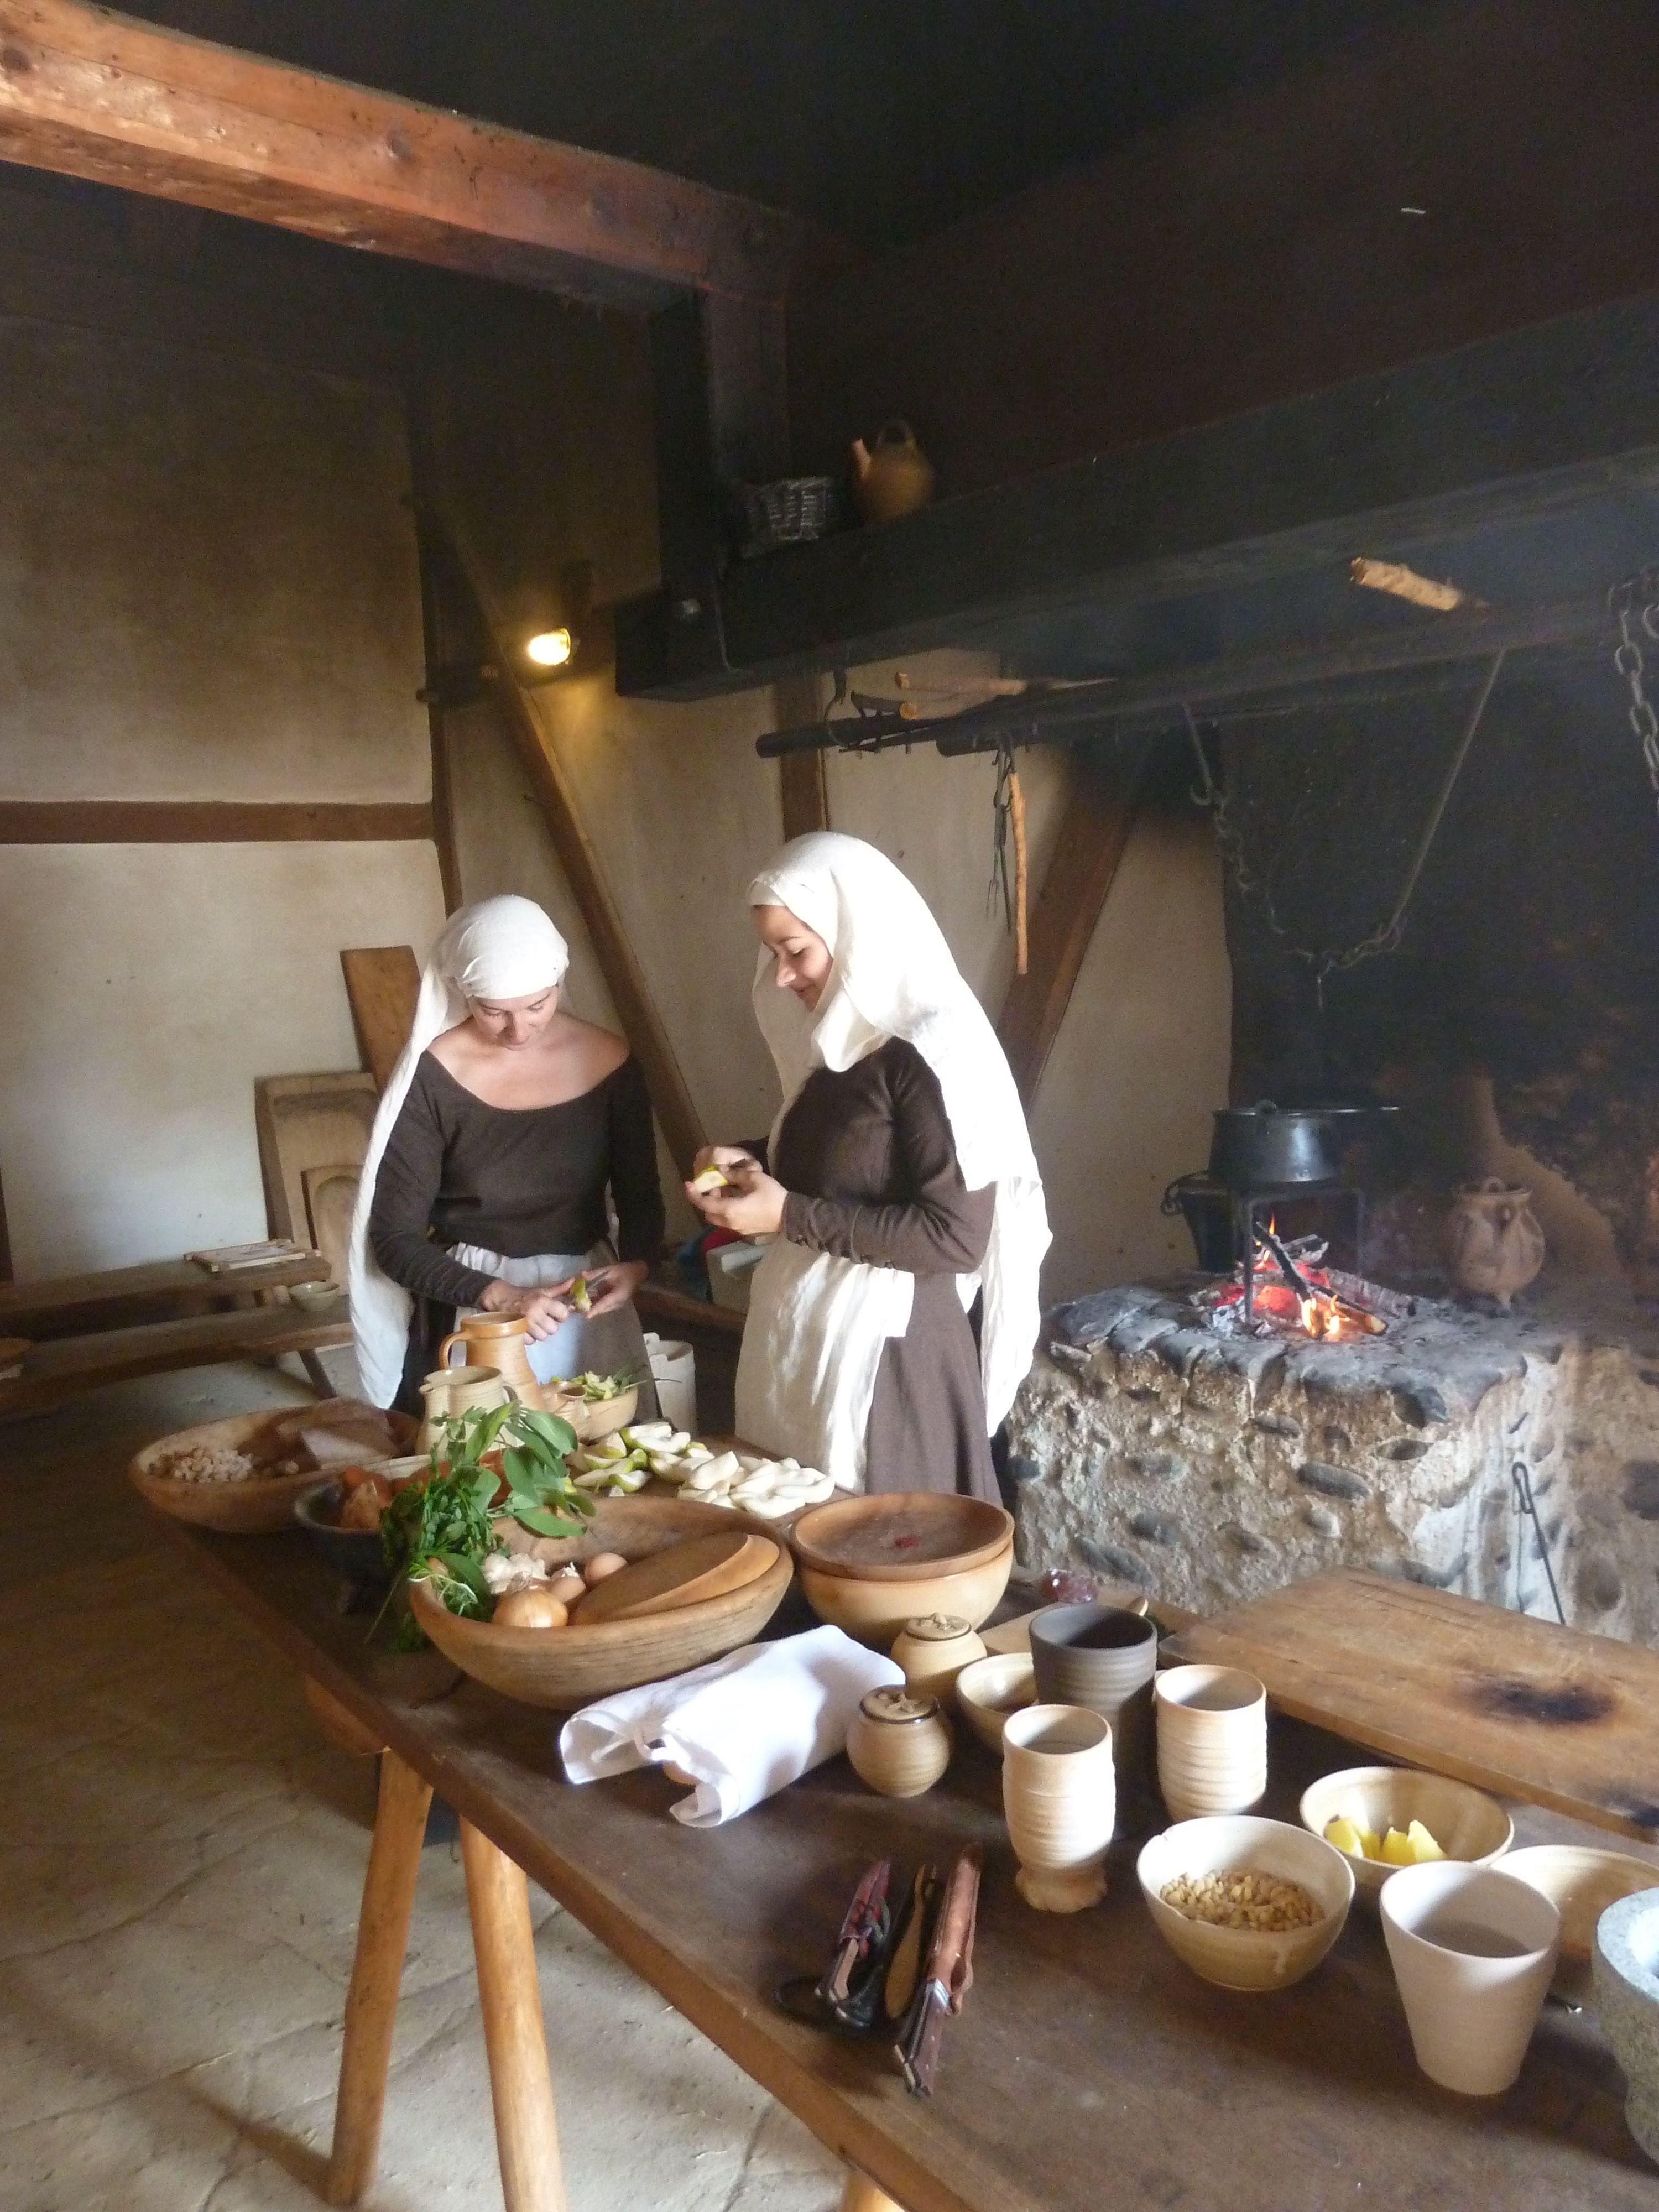 Küchenarbeit. (c) vrouwen maere.